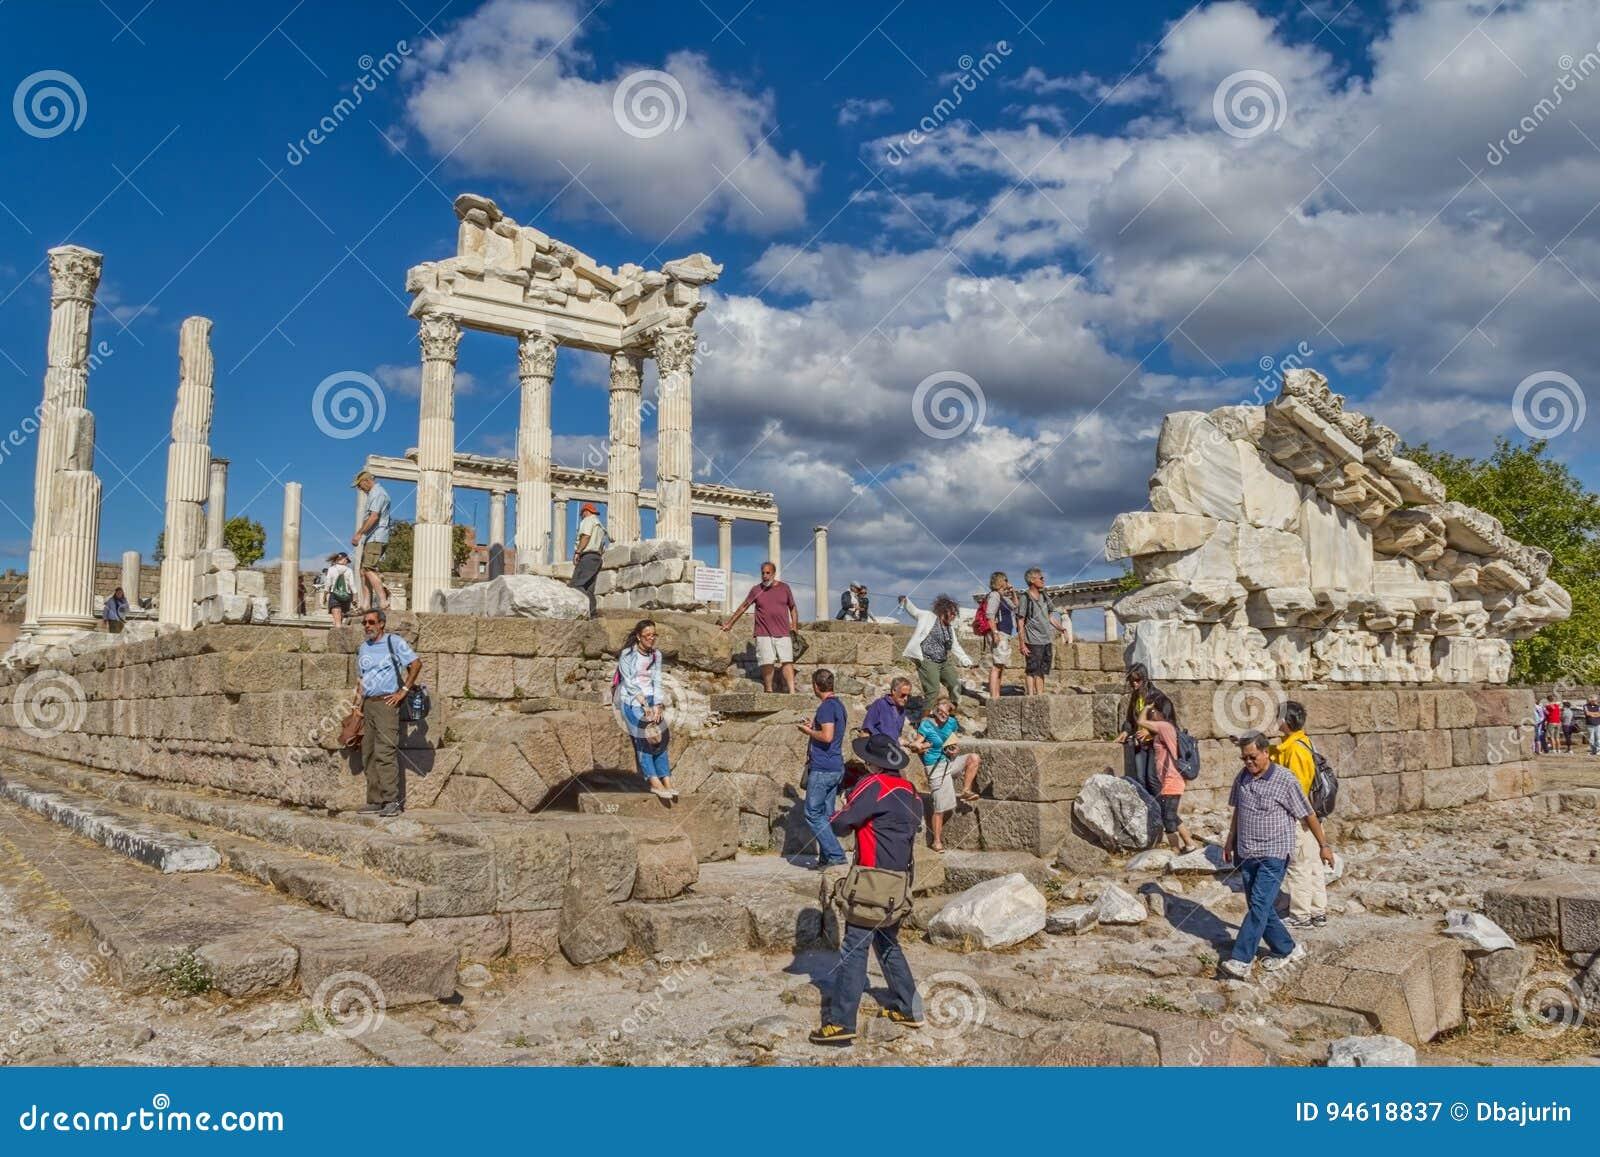 Pergamon - temple de Trajan